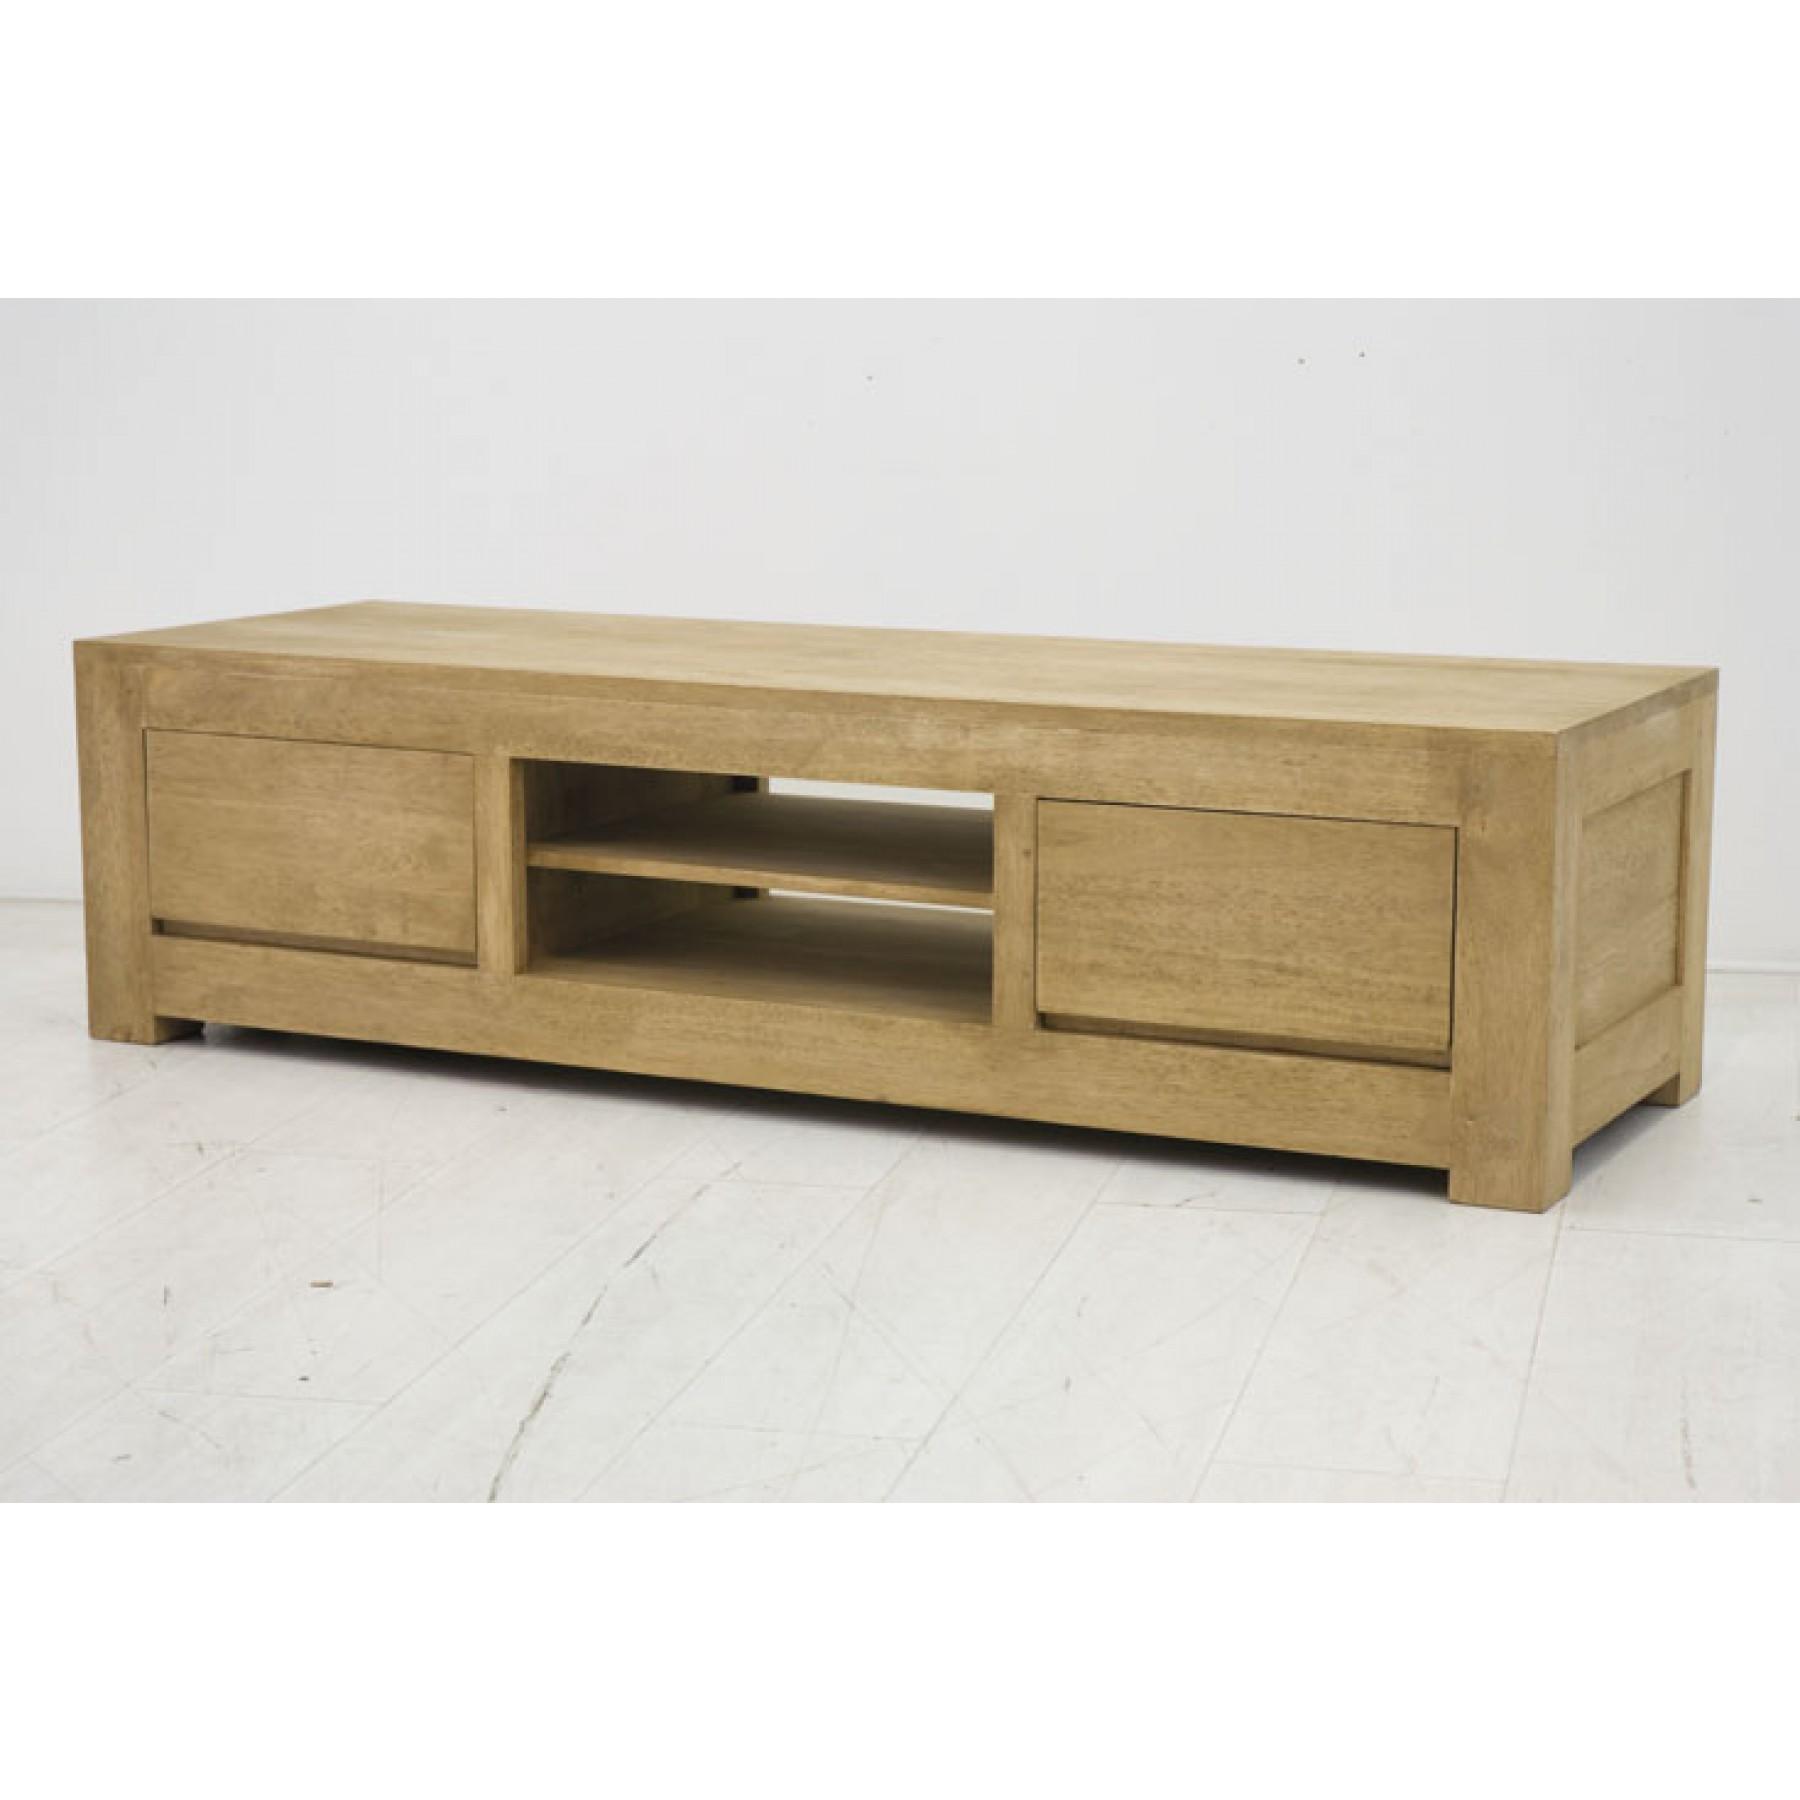 meuble tv bas en bois massif par nomadde mobilier design. Black Bedroom Furniture Sets. Home Design Ideas